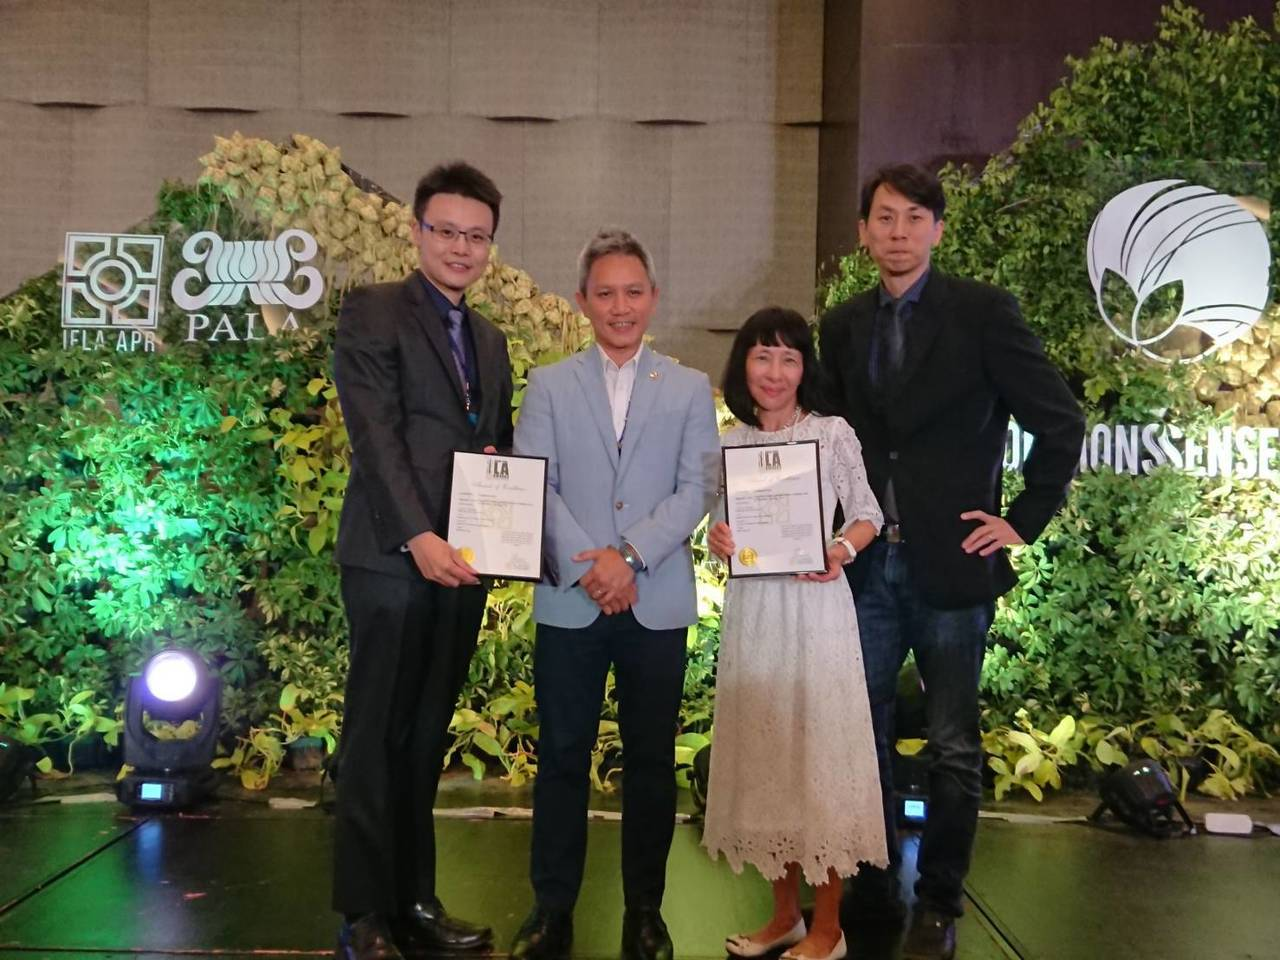 基隆色彩屋奪國際景觀大賞,今晚菲律賓獲頒卓越獎殊榮。圖/基隆市政府提供